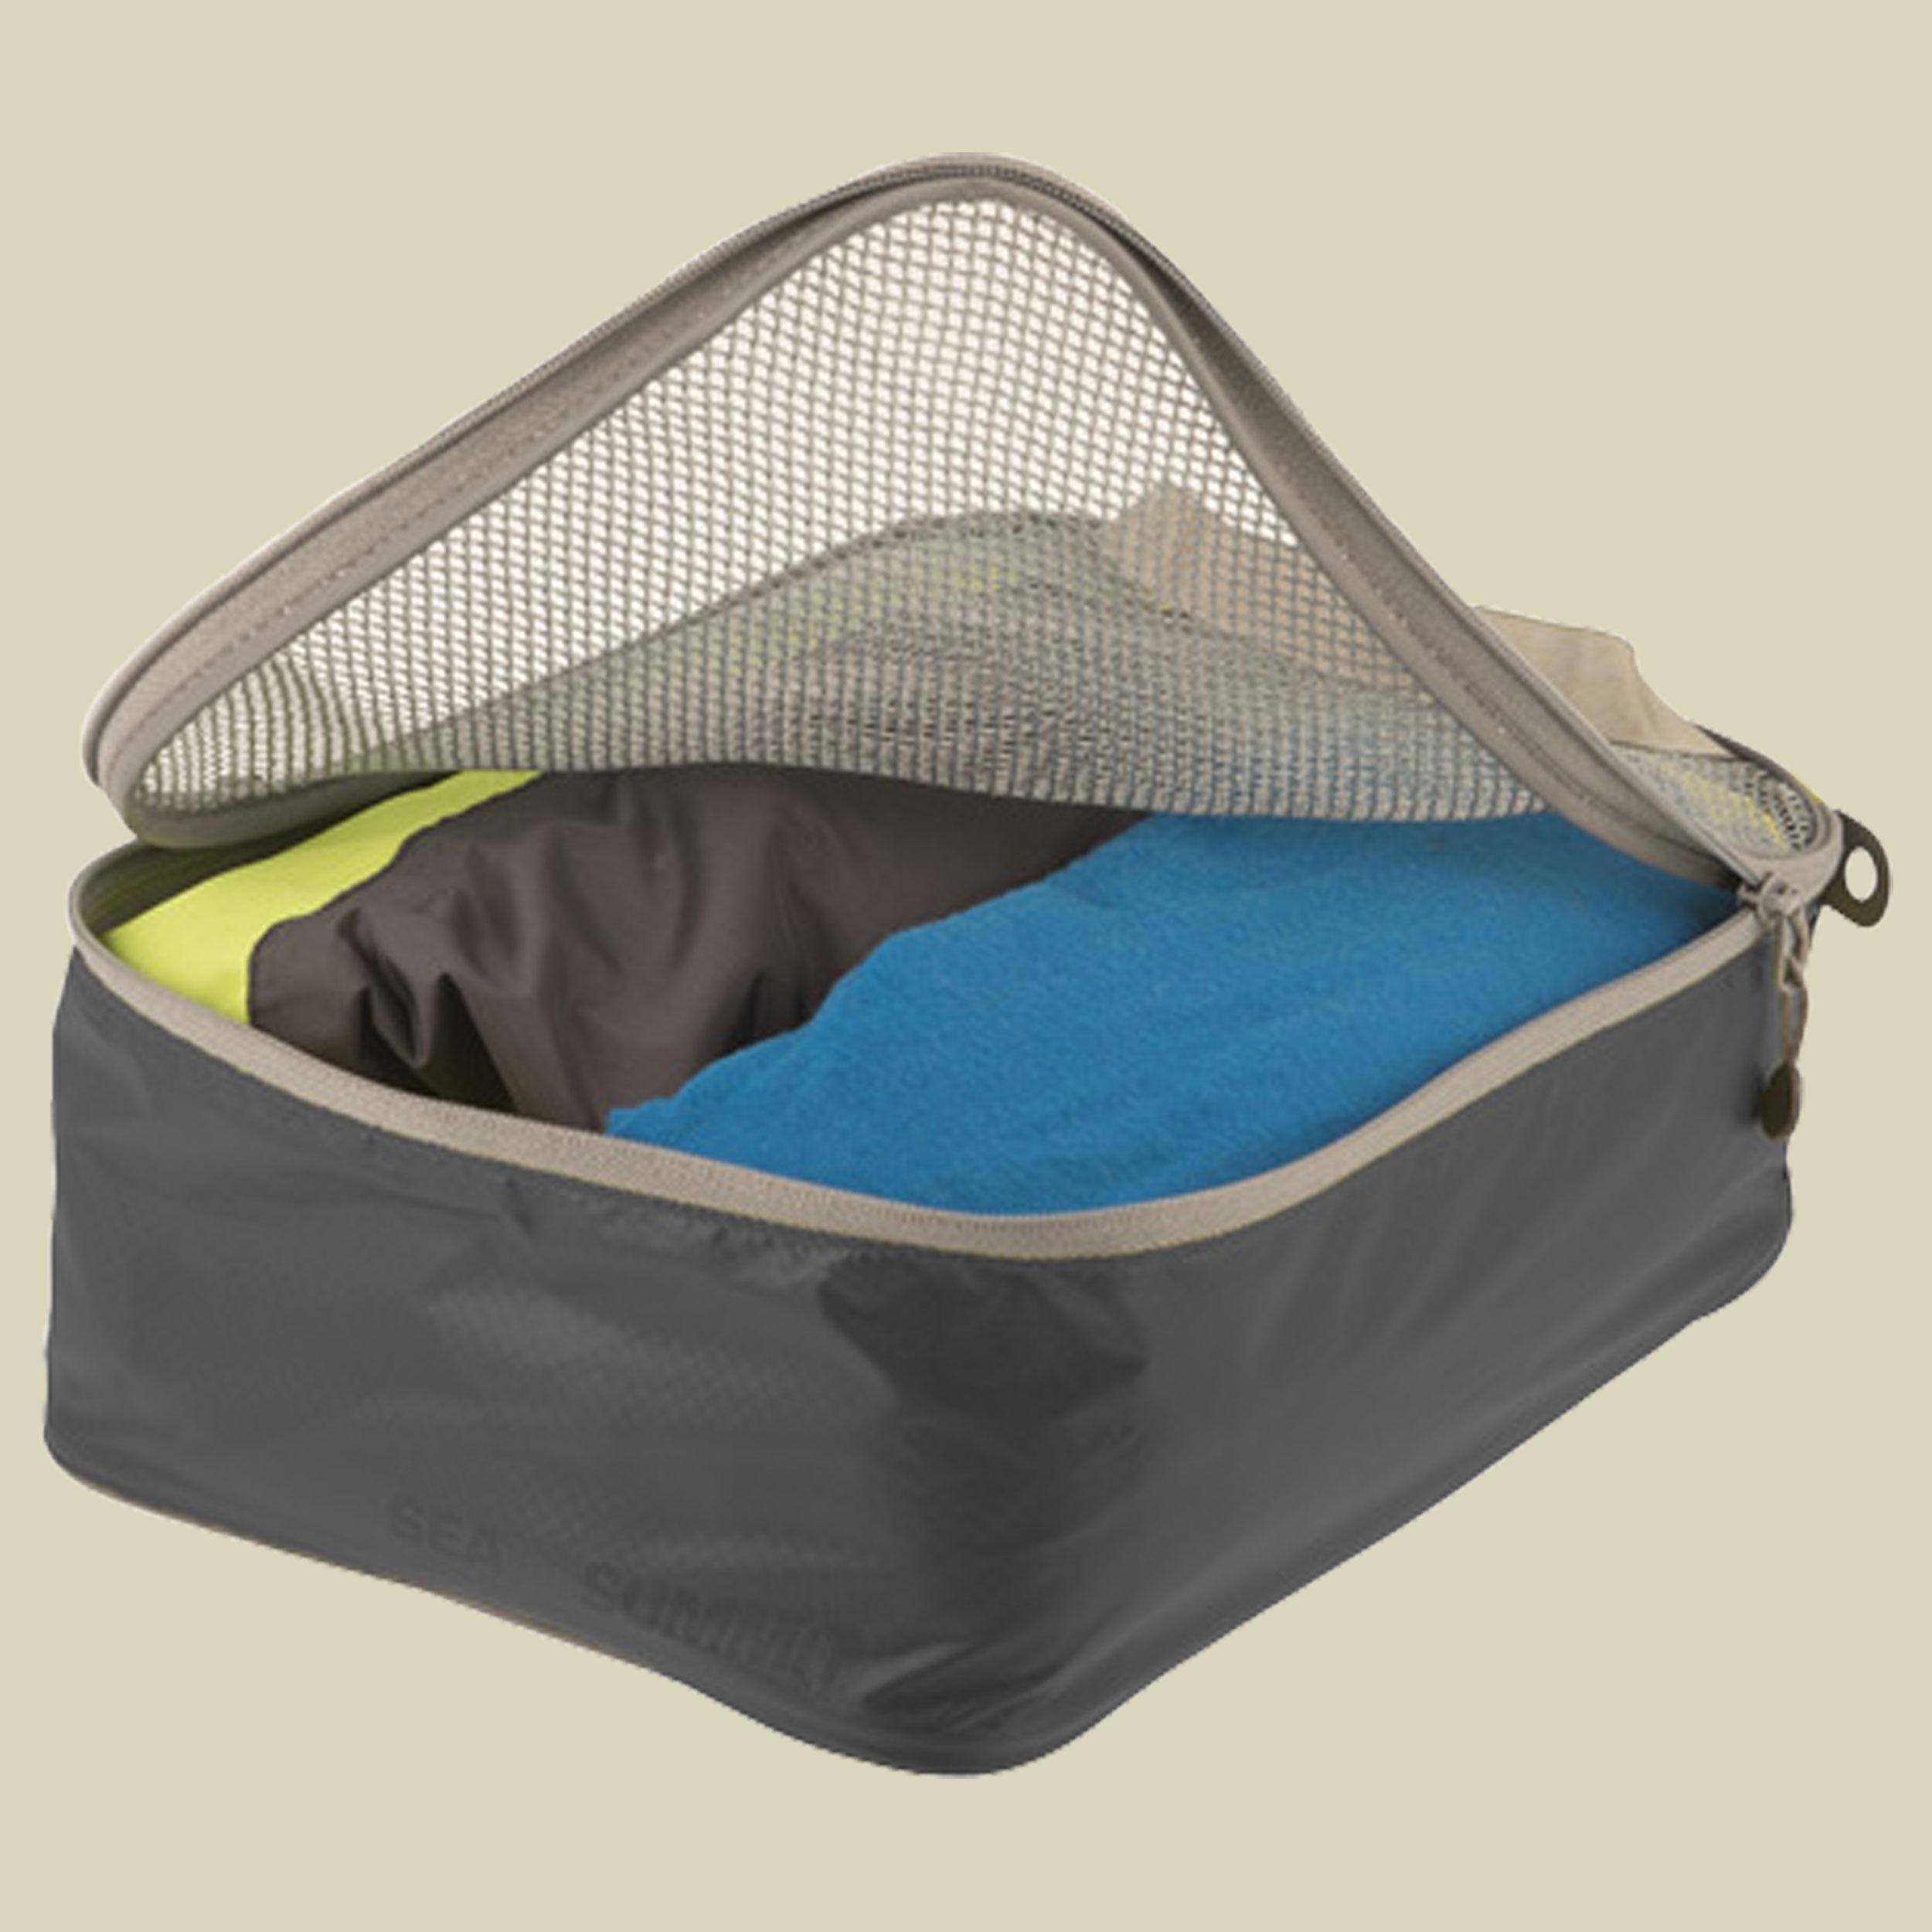 Sea to Summit Garment Mesh Bag Packhülle für Bekleidung Größe M black / grey